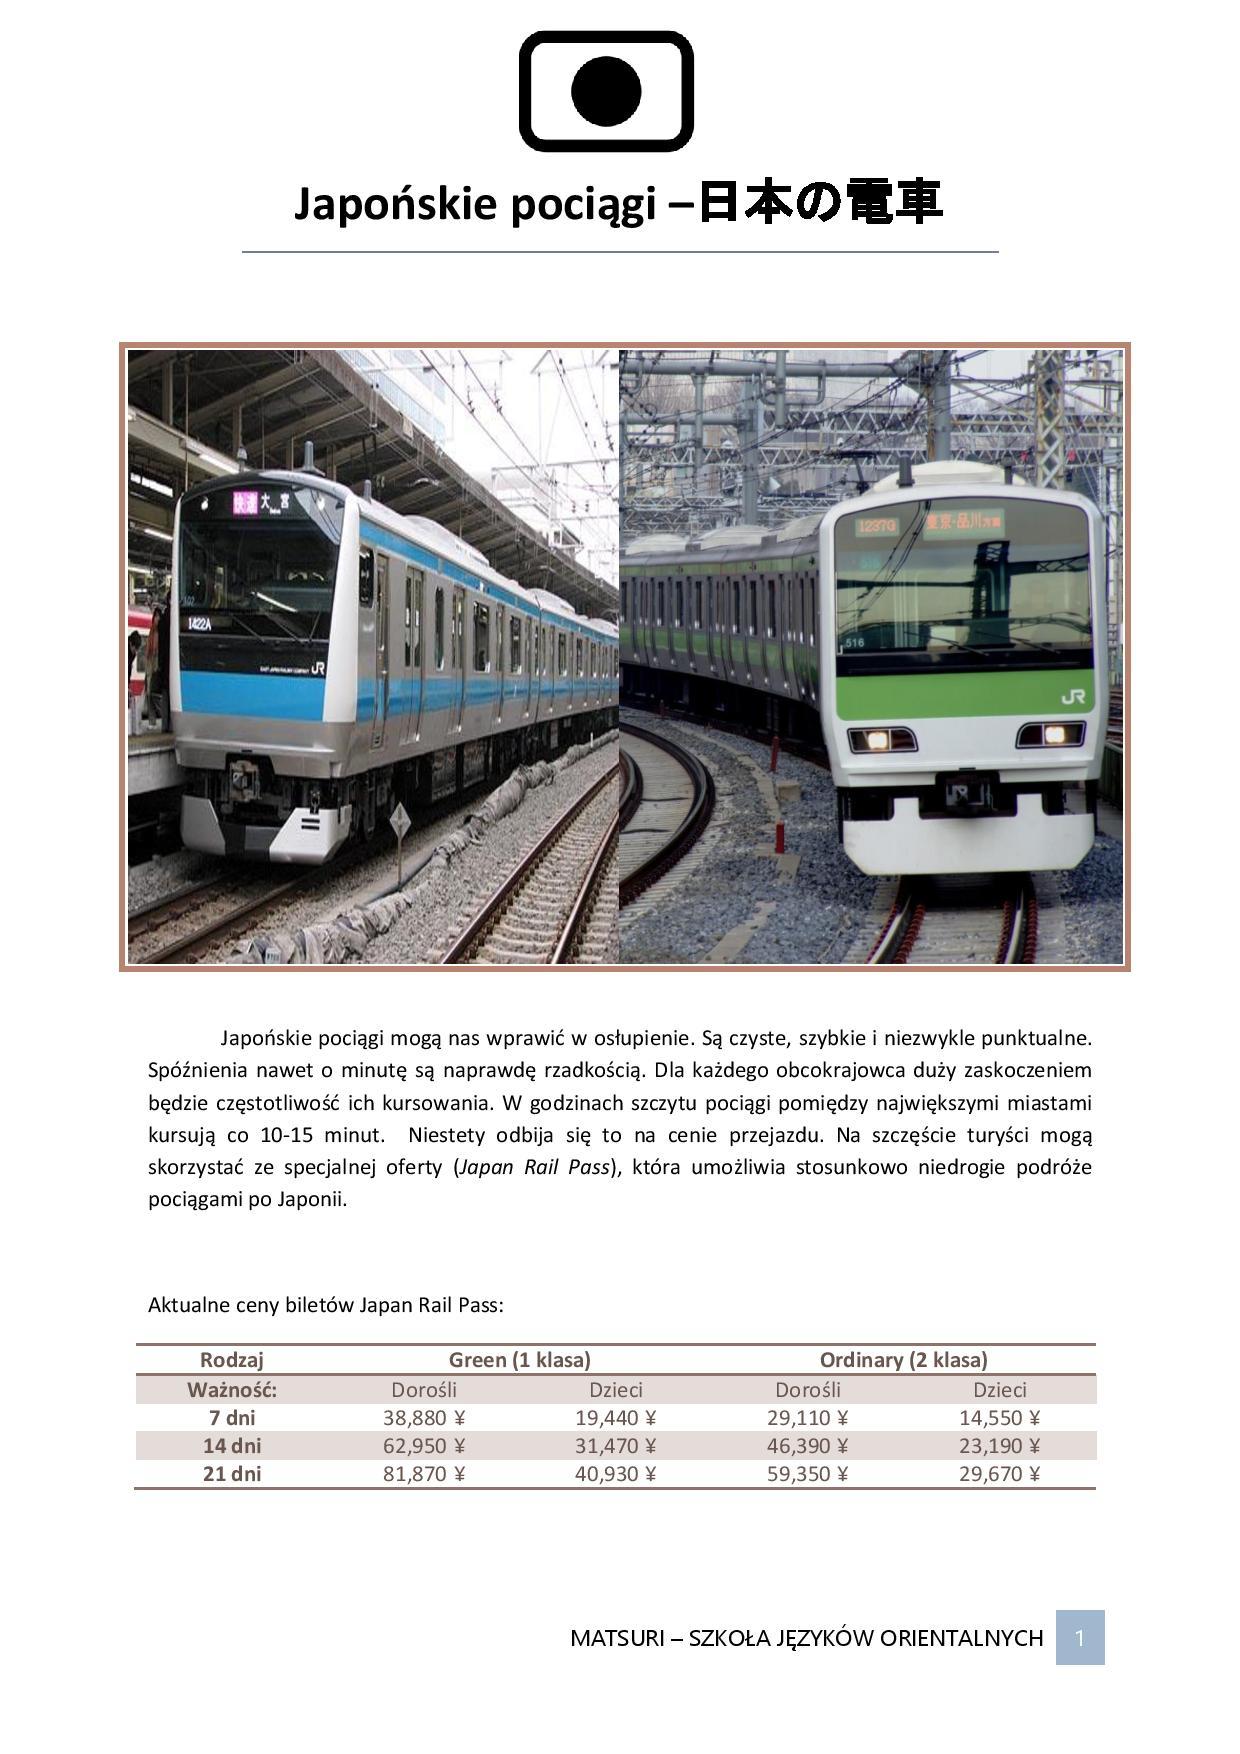 Pociągi japońskie1